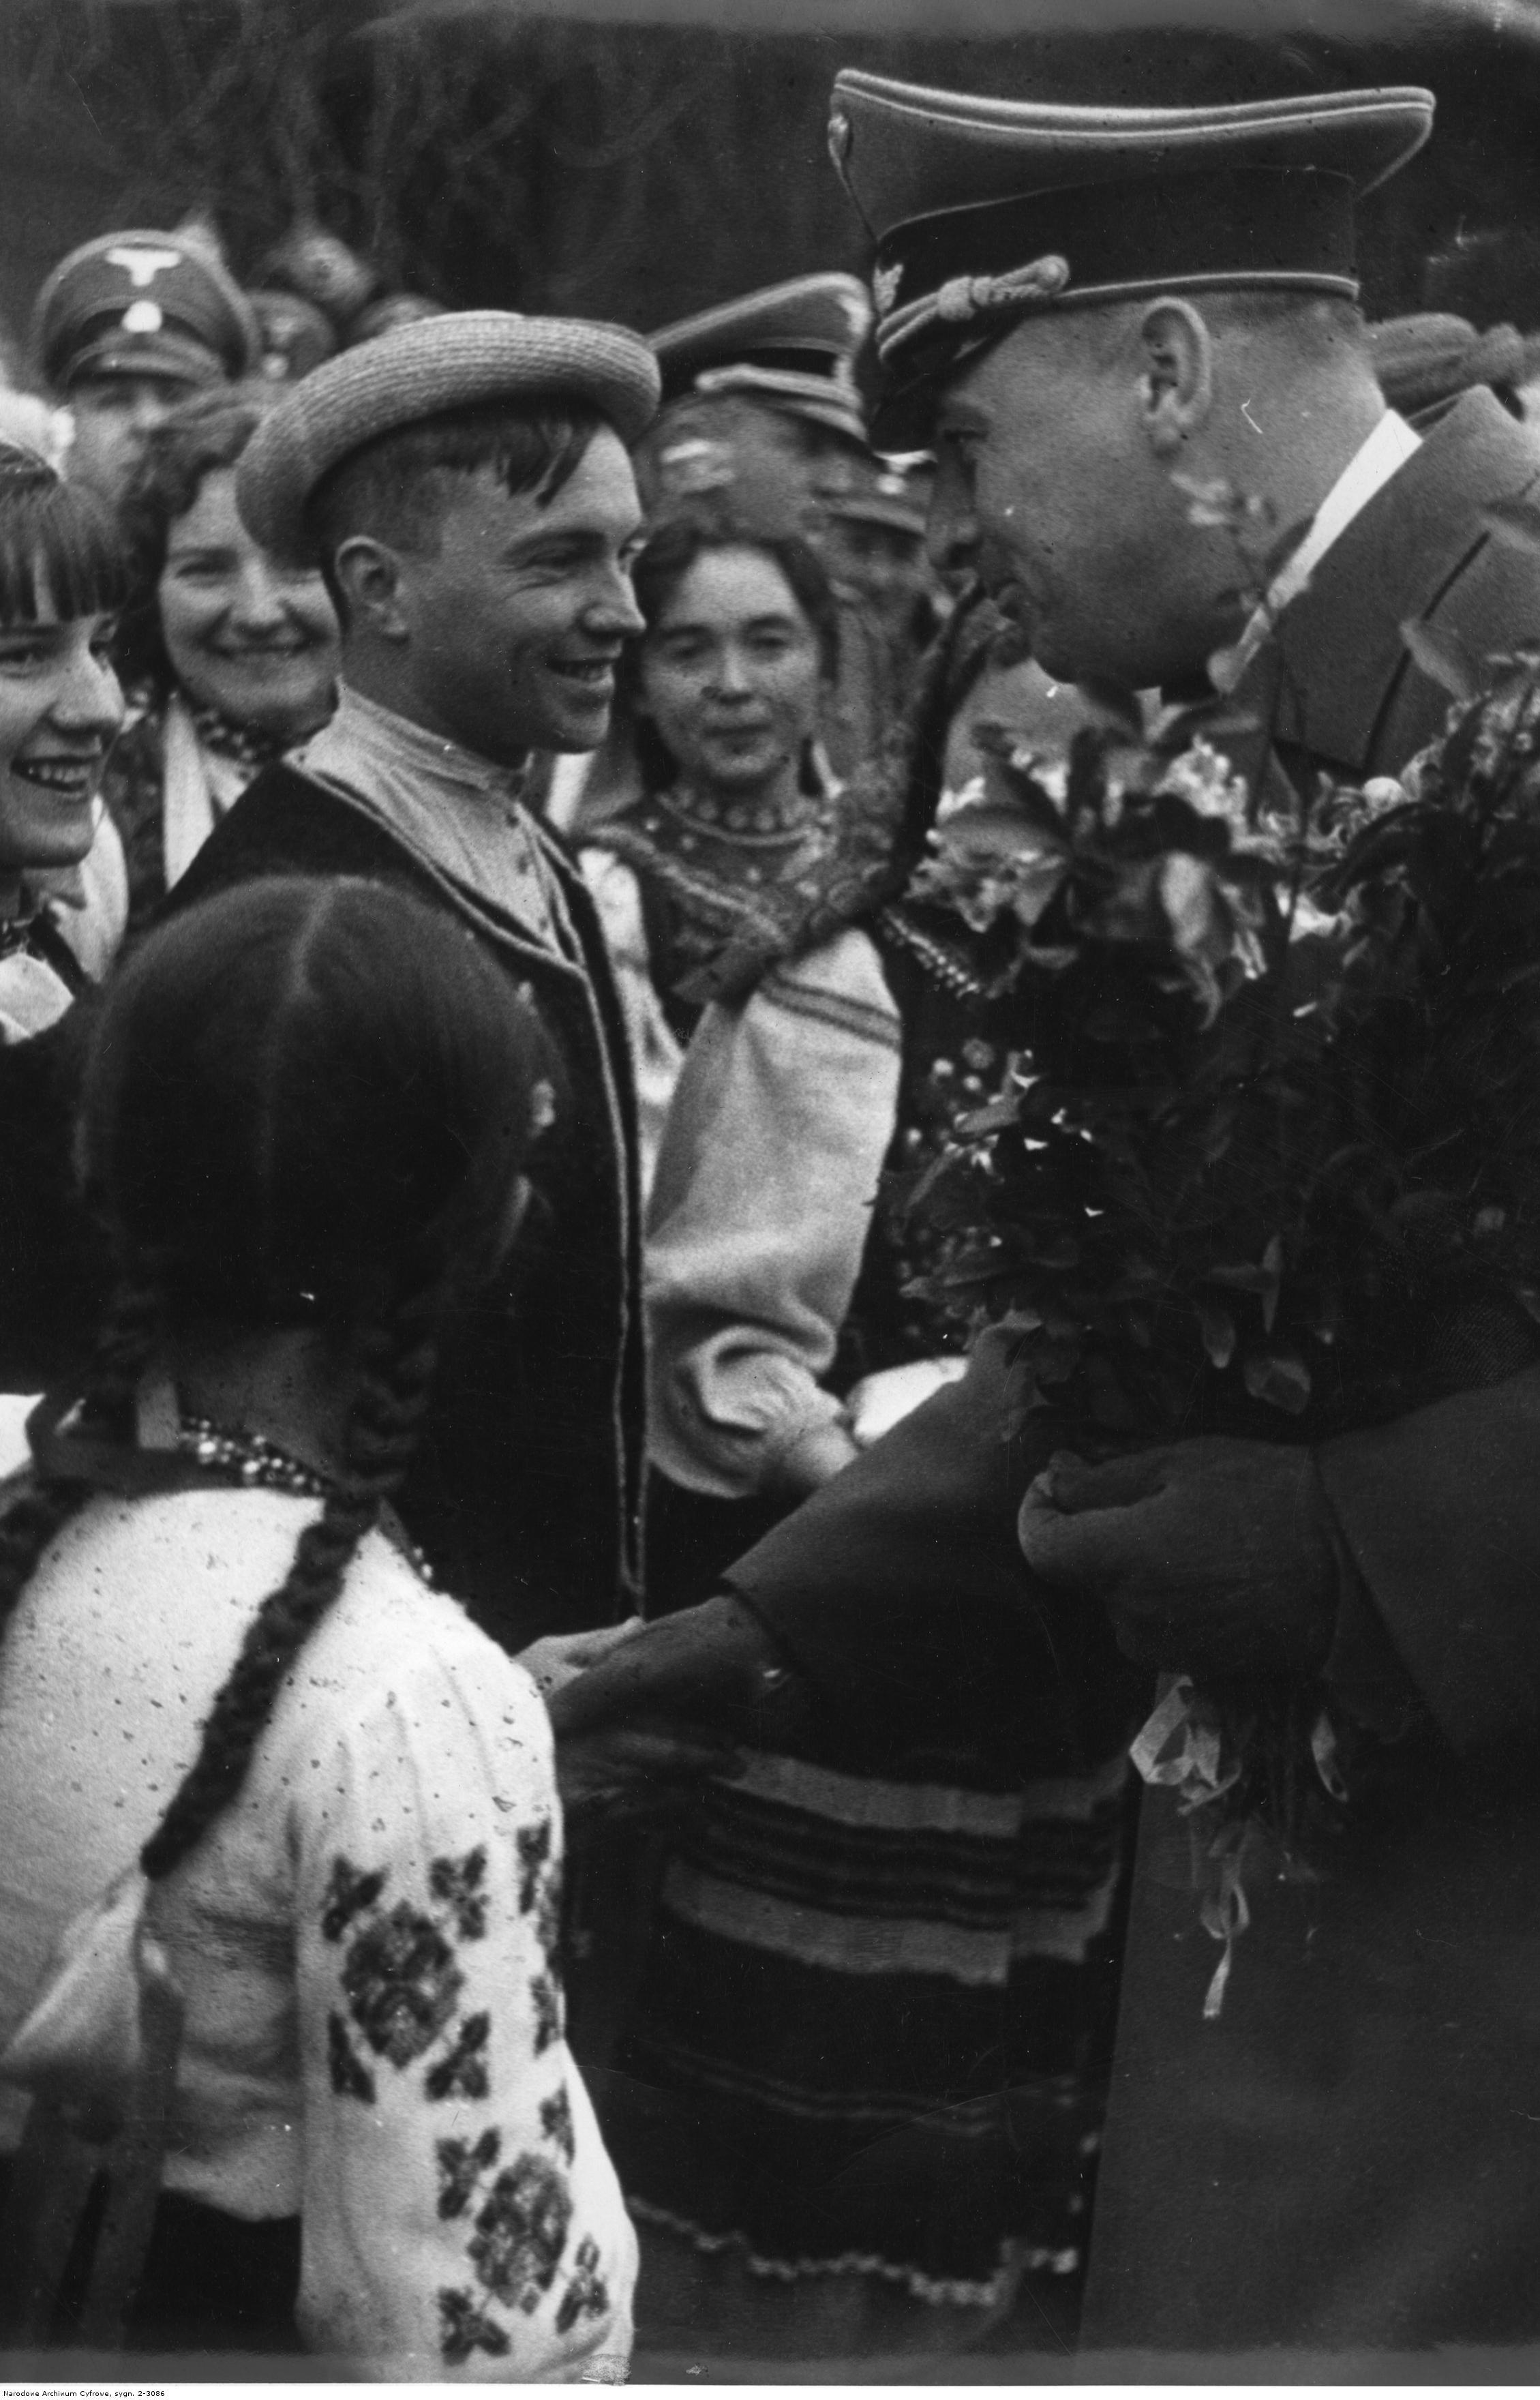 1941-1944. Украинская молодежь в народных костюмах приветствует генерал-губернатора Ганса Франка, вручая ему цветы